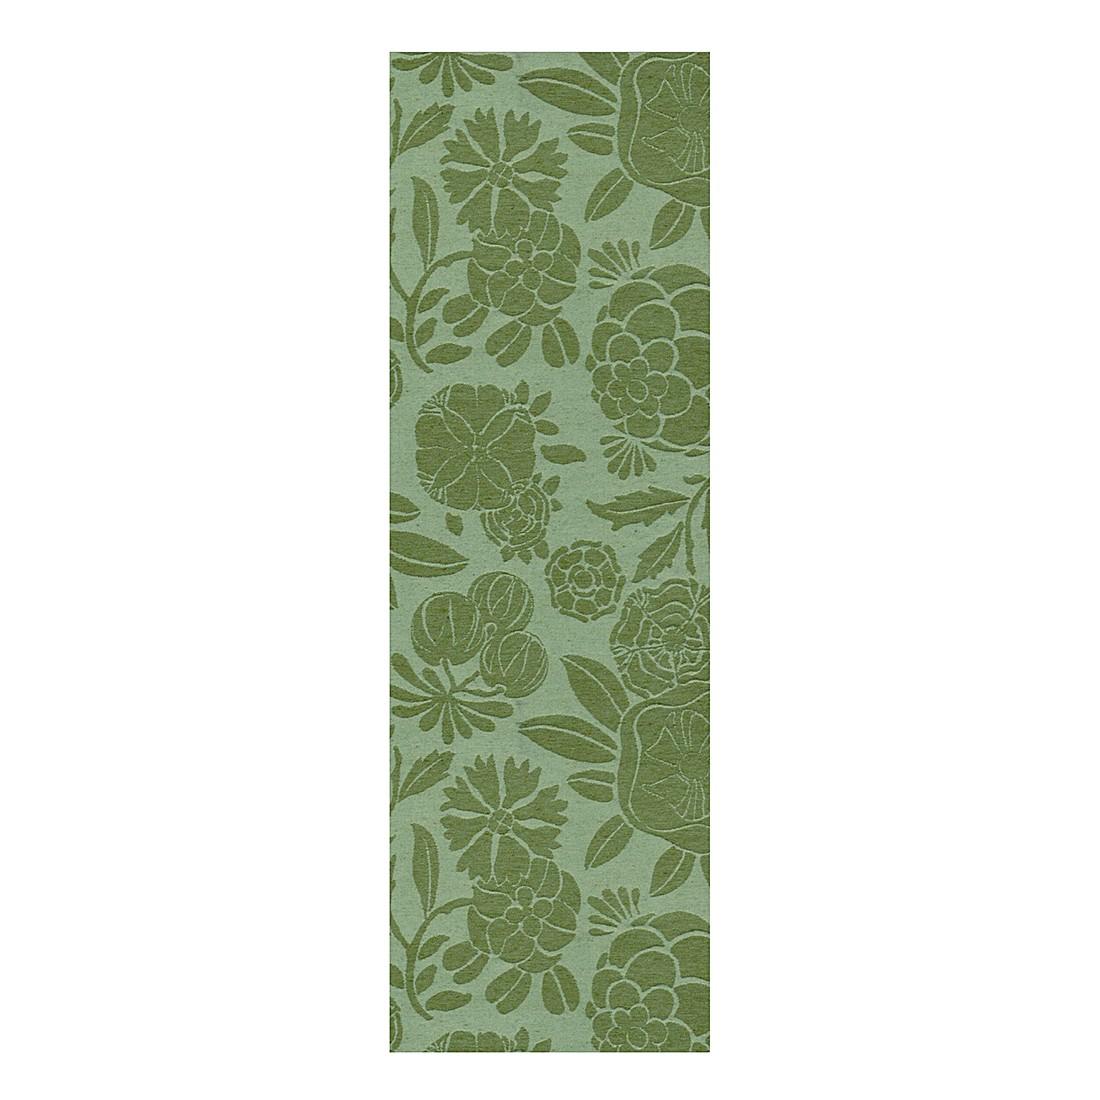 Tischläufer Flores – Grün, Villeroy&Boch bestellen